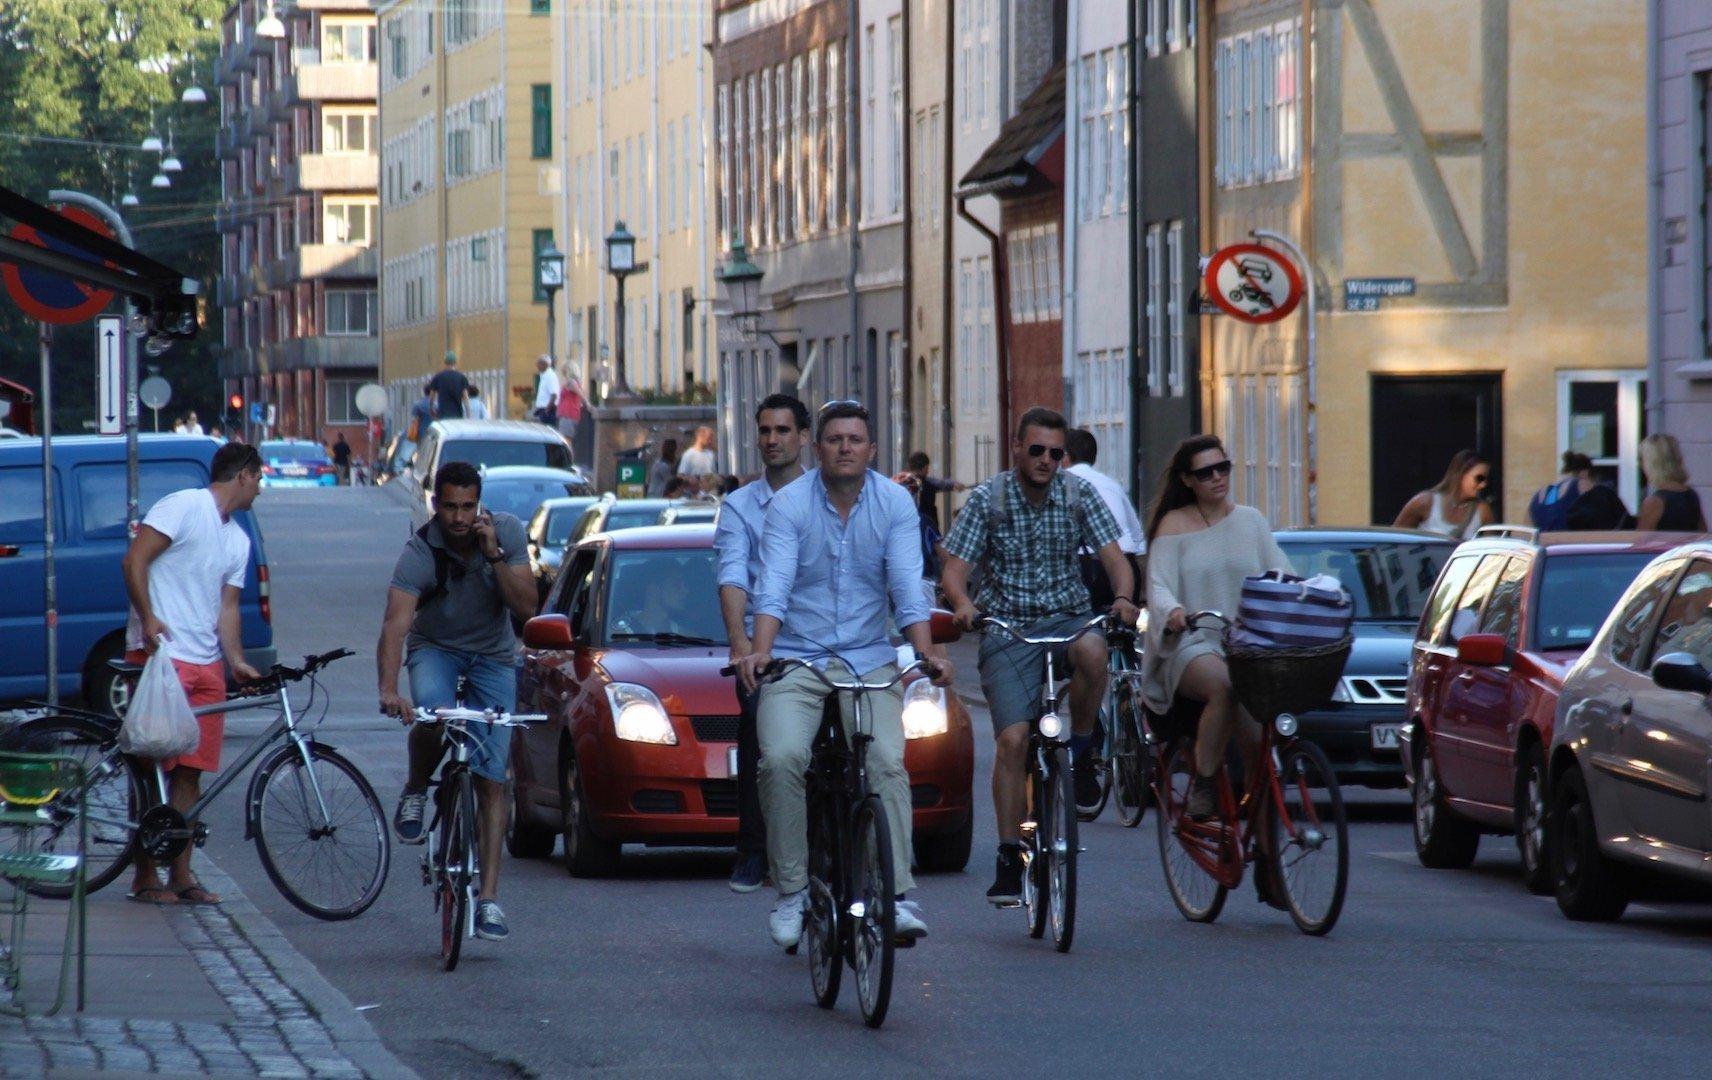 Auf einer kleinen Straße fahren viele Radfahrer. Hinter ihnen stauen sich einige Autos.